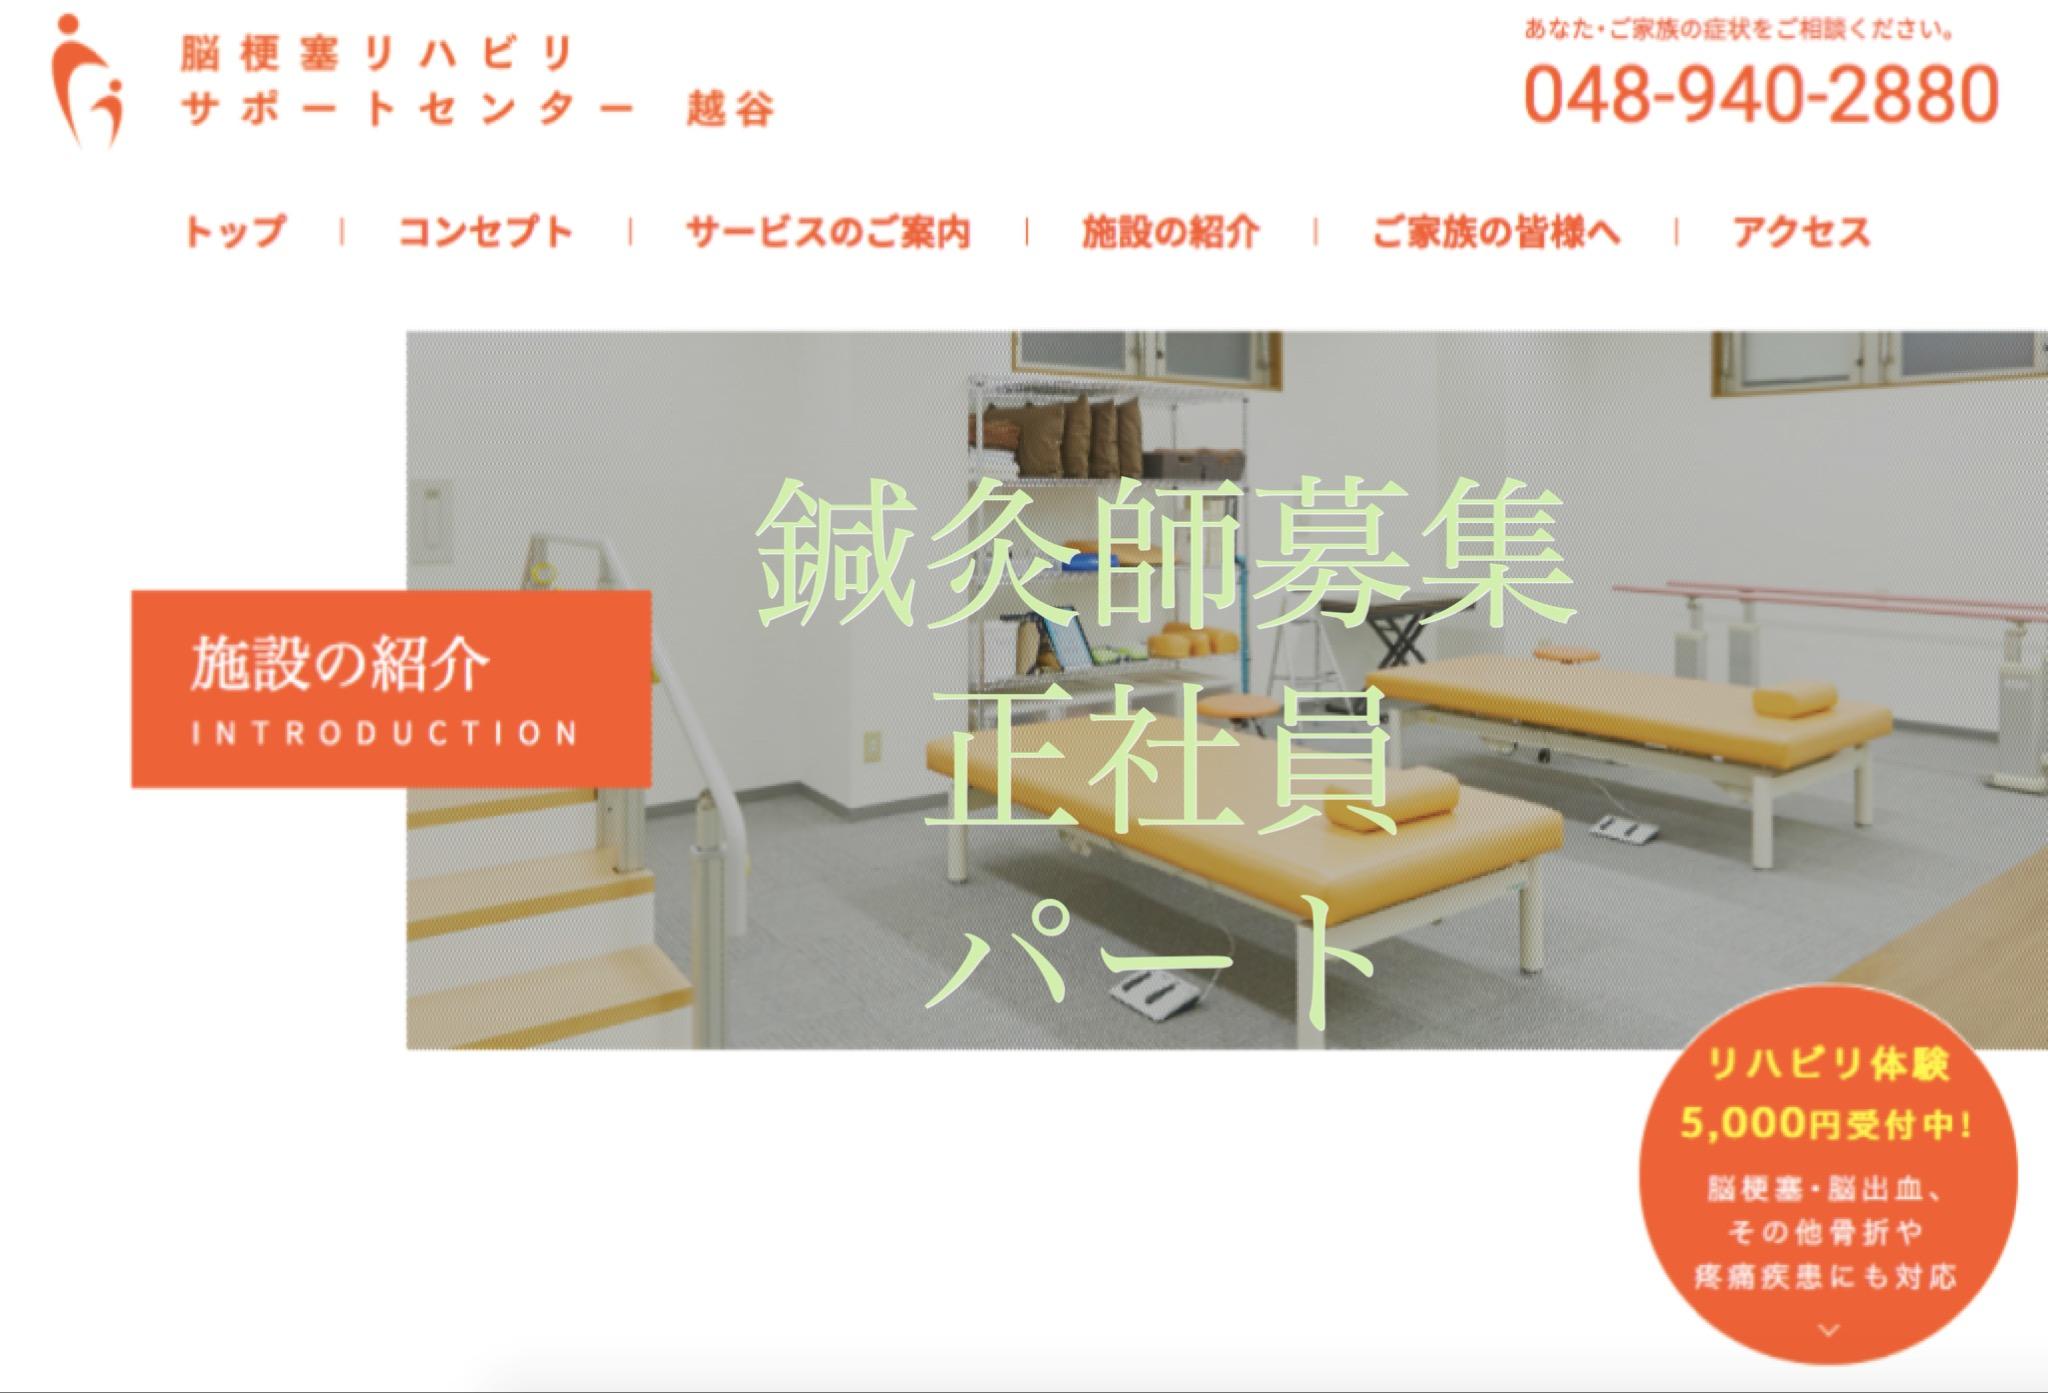 脳梗塞リハビリサポートセンター越谷・川口 鍼灸師募集!